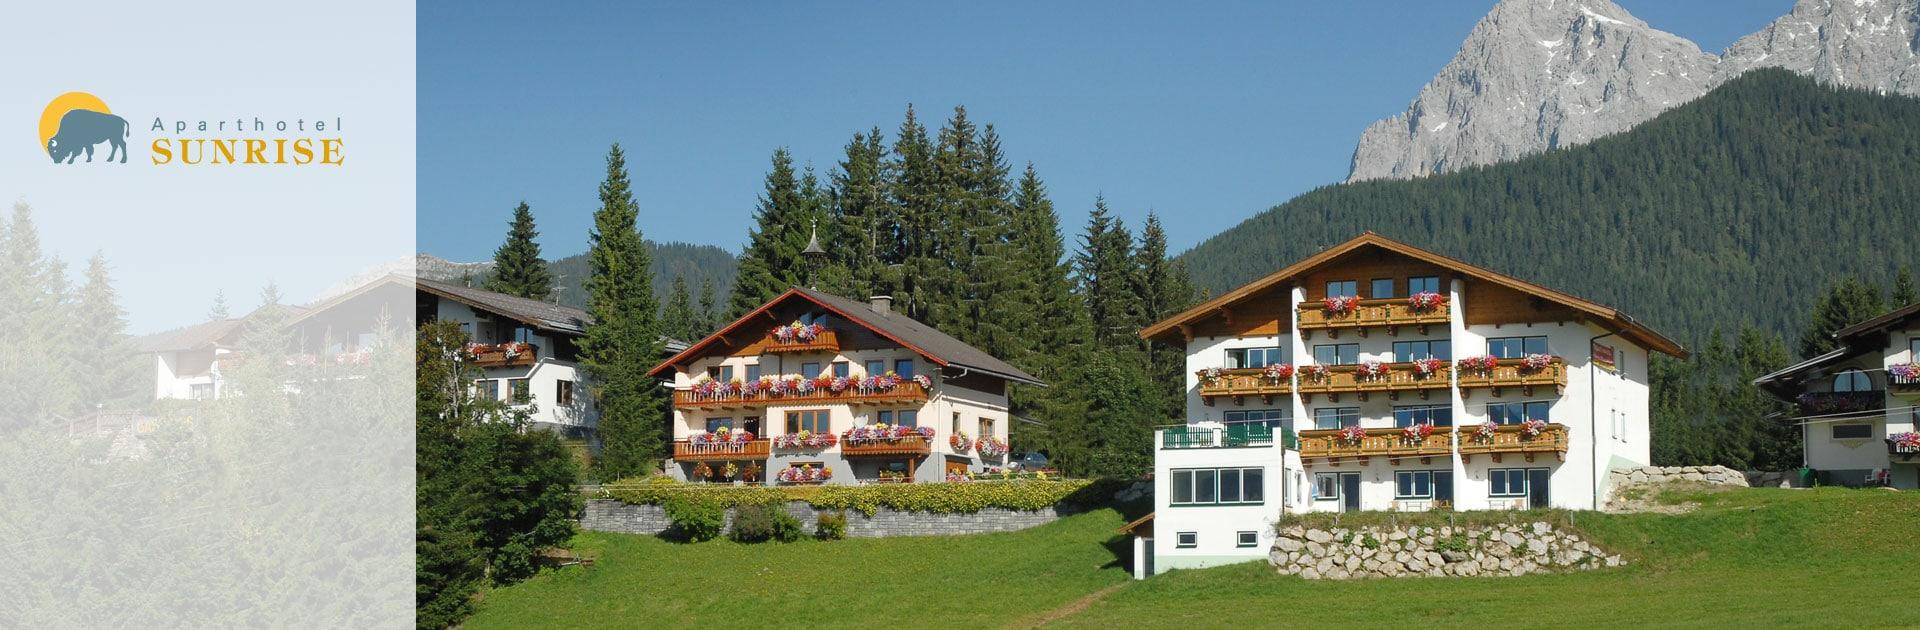 Aparthotel Sunrise in Ramsau am Dachstein